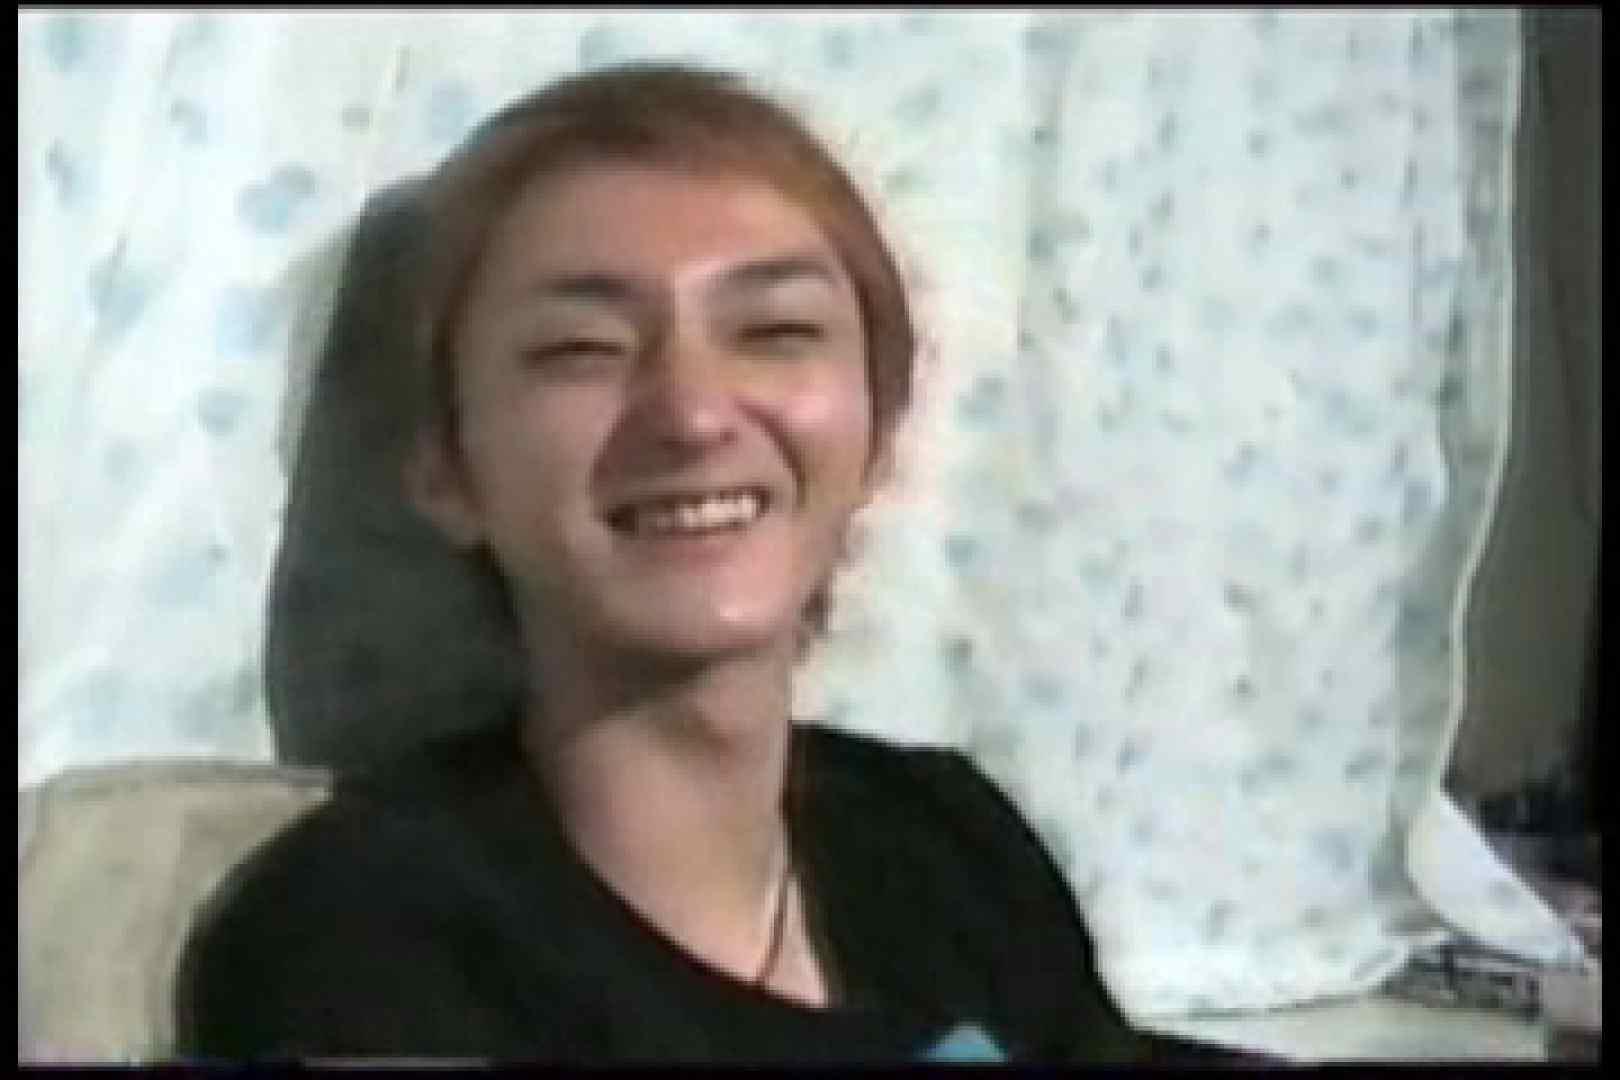 【流出】アイドルを目指したジャニ系イケメンの過去 流出作品 ゲイエロビデオ画像 72pic 45